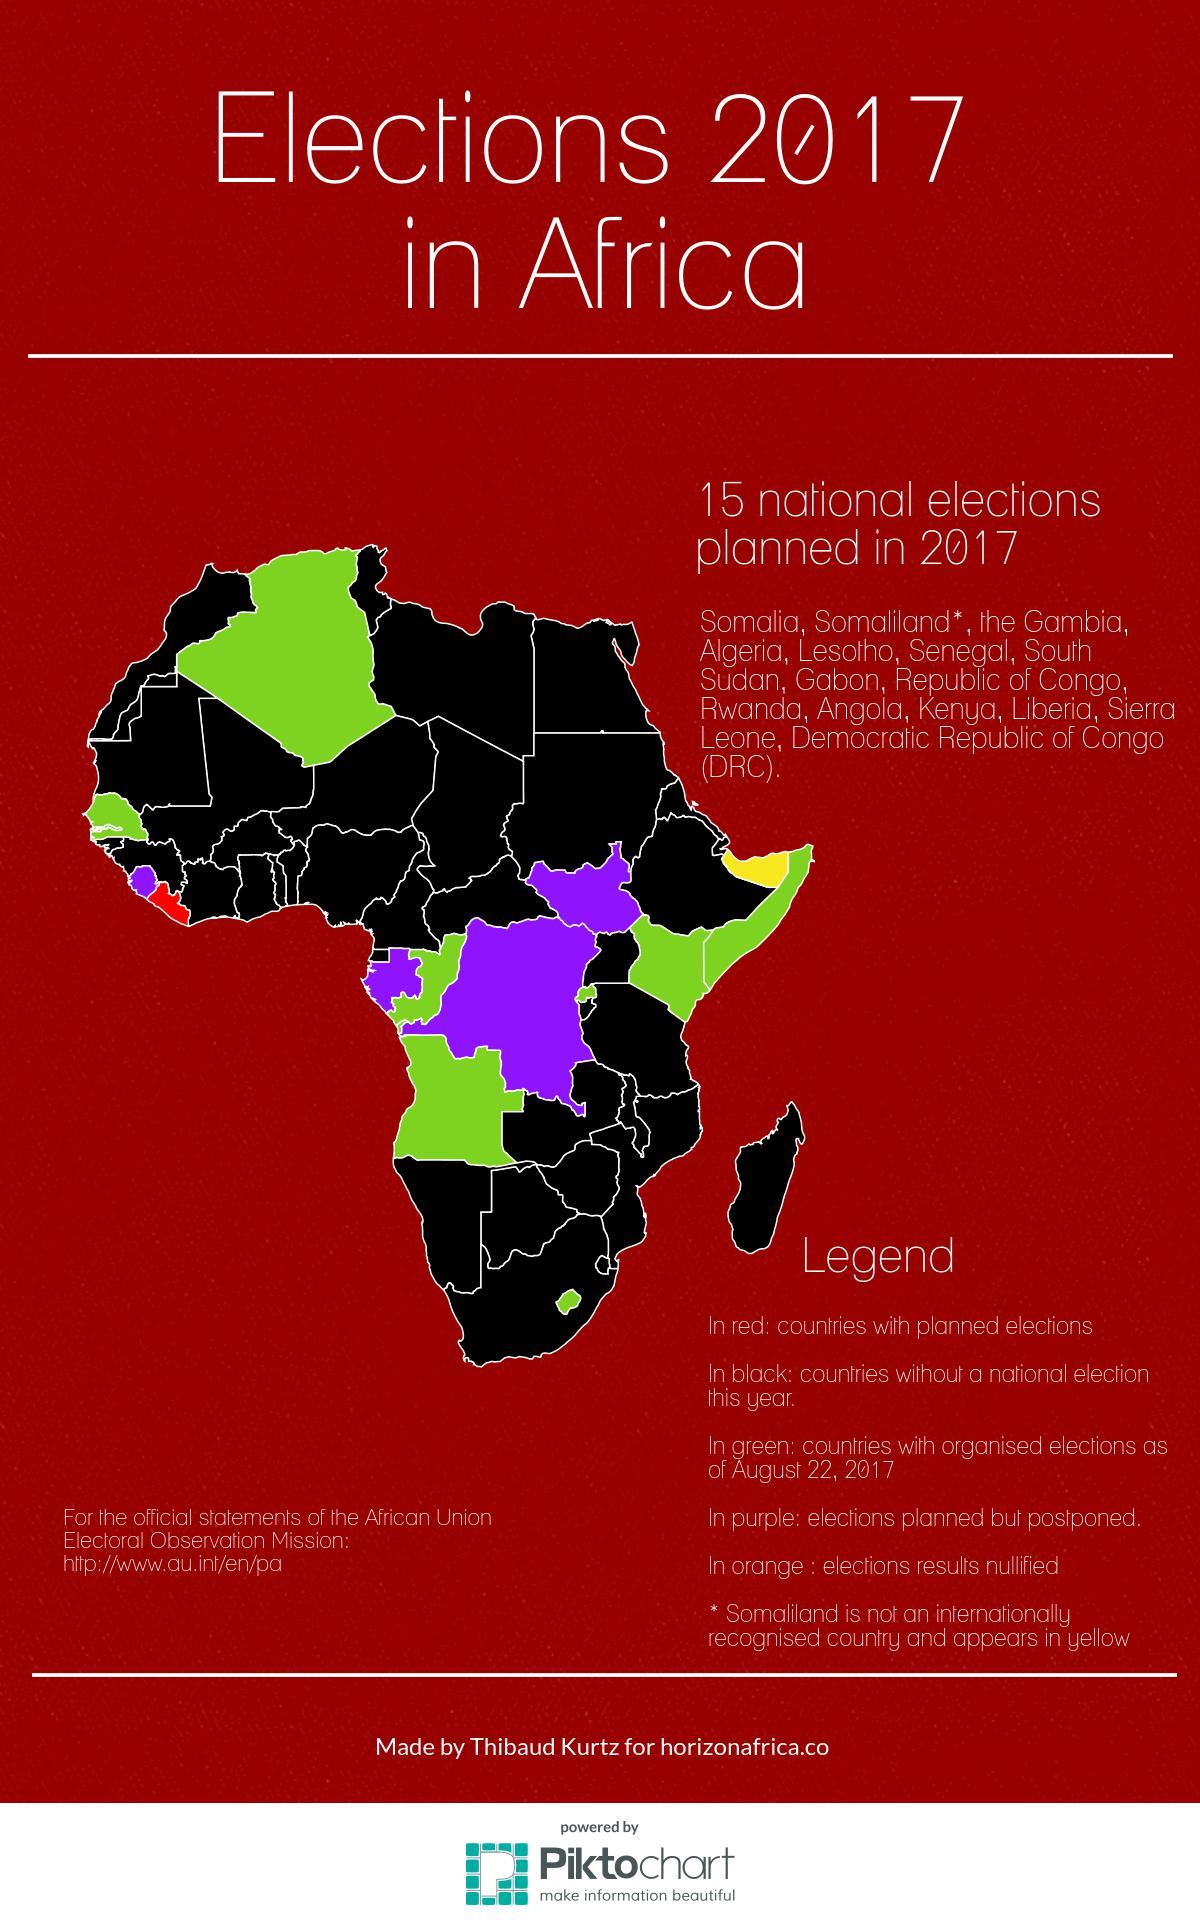 african-electio_19427582_b1562f32ab53ae587f8064649f195baa2754325d.jpeg